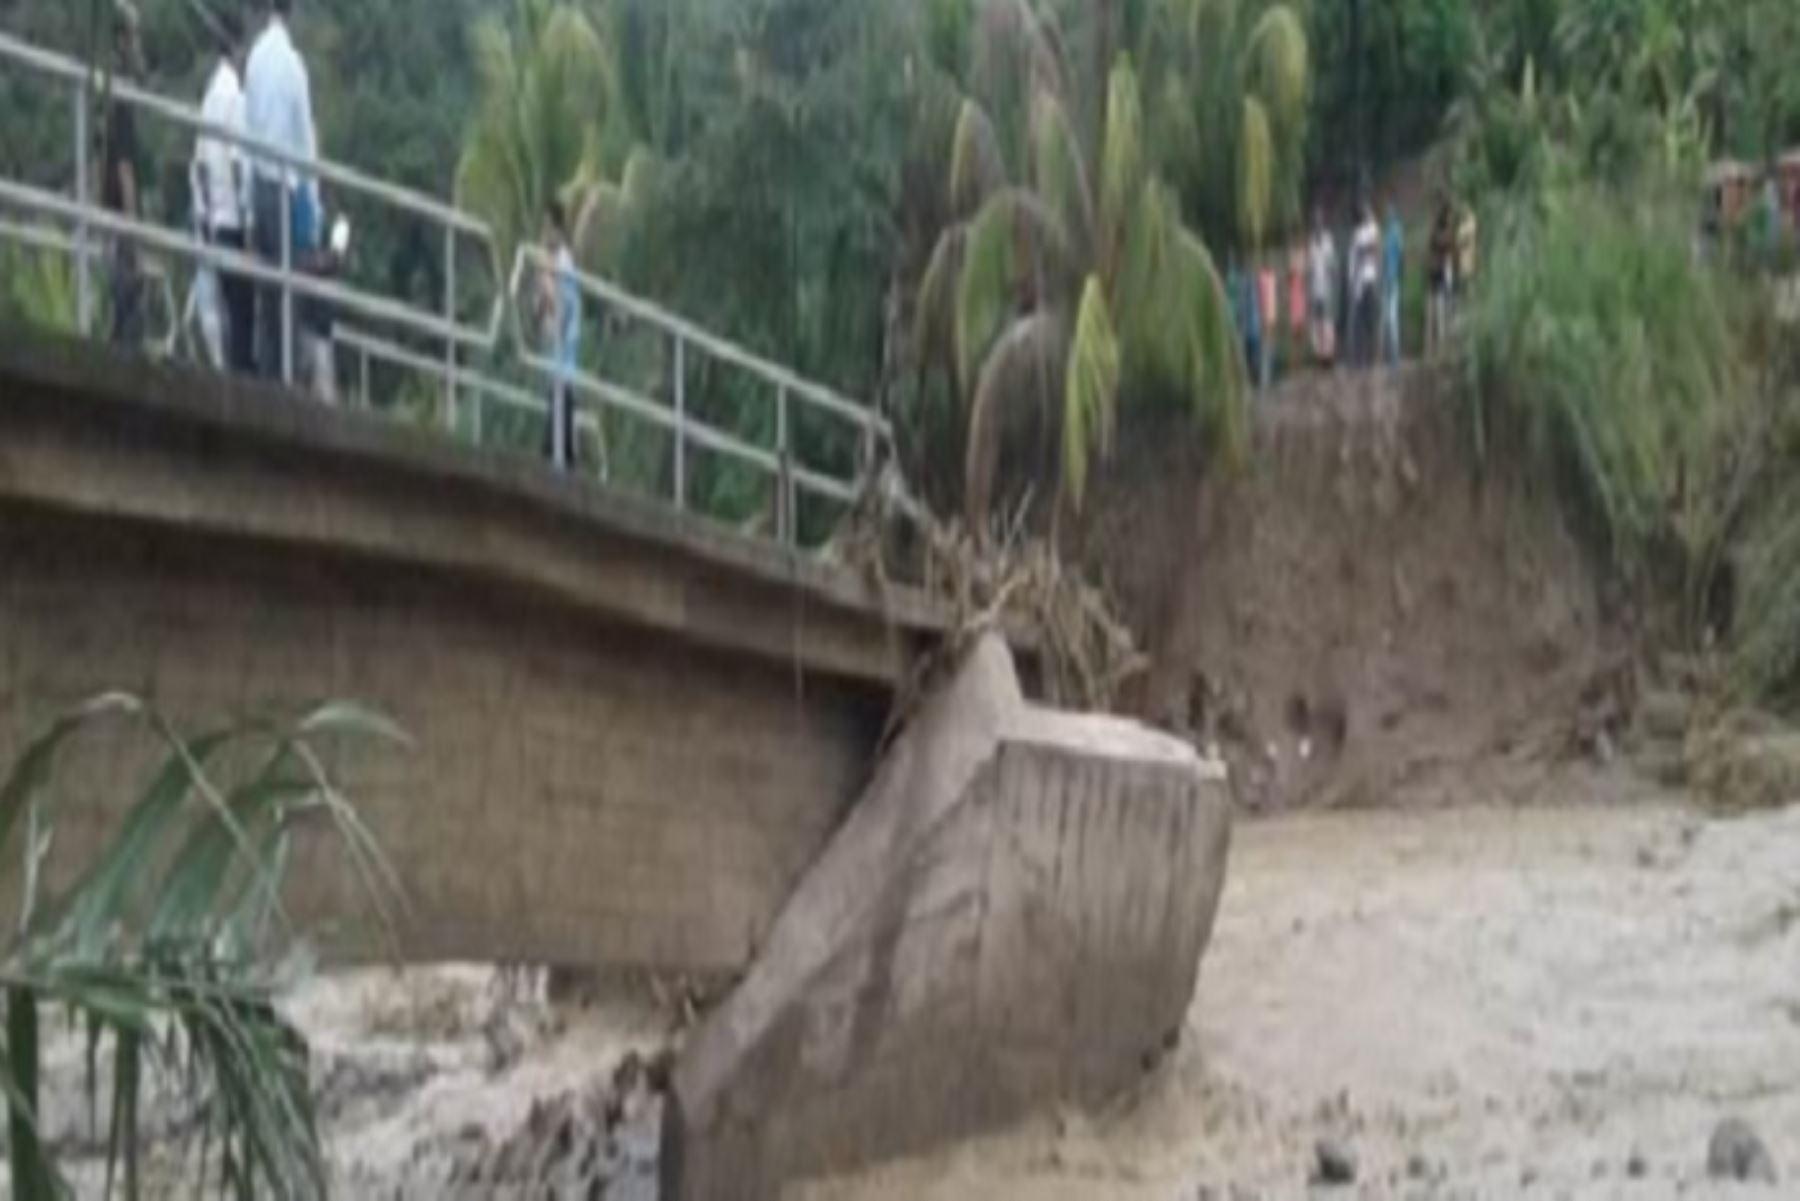 A consecuencia de las fuertes lluvias aumentó el caudal de la quebrada San Juan, que ocasionó el colapso del puente San José que conecta a los centros poblados de San José Bajo - La Cruz - Pan de Azúcar, en el distrito de Cajaruro, provincia de Utcubamba, región Amazonas, informó el Instituto Nacional de Defensa Civil (Indeci).